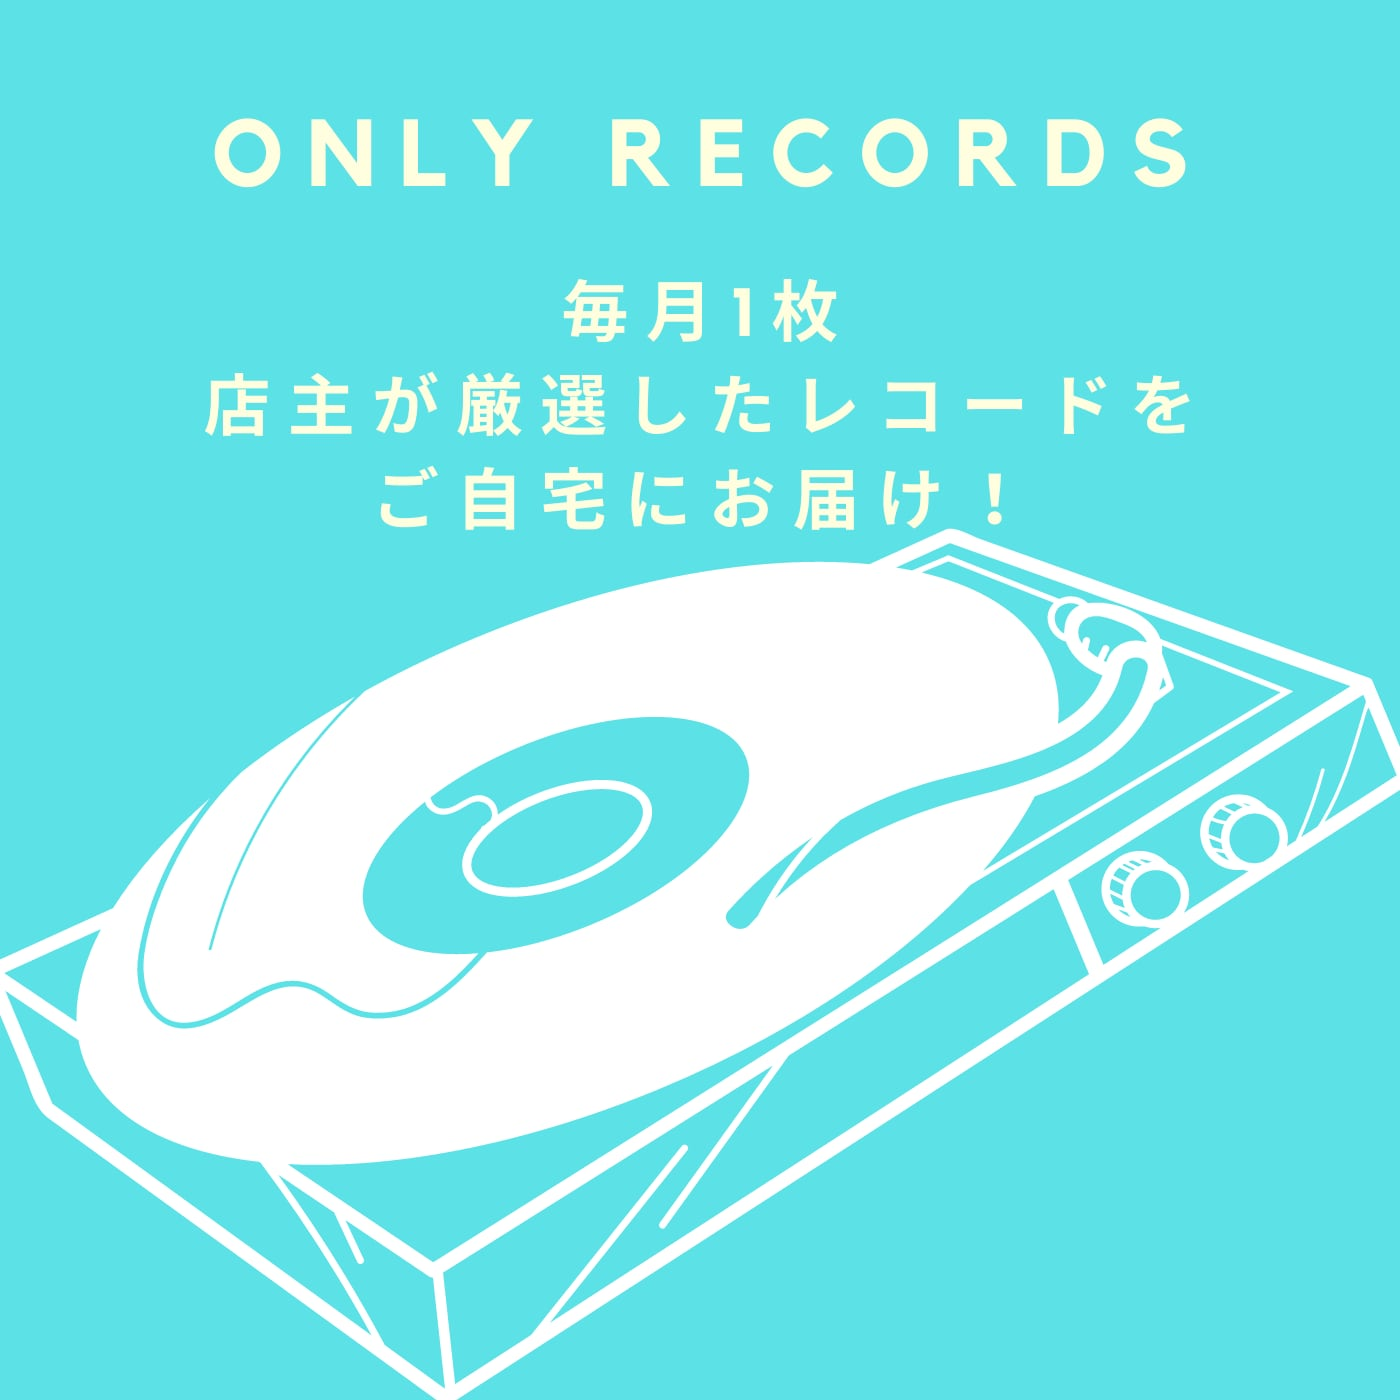 店主が厳選したレコードが毎月1枚ご自宅に届くスペシャルBOX